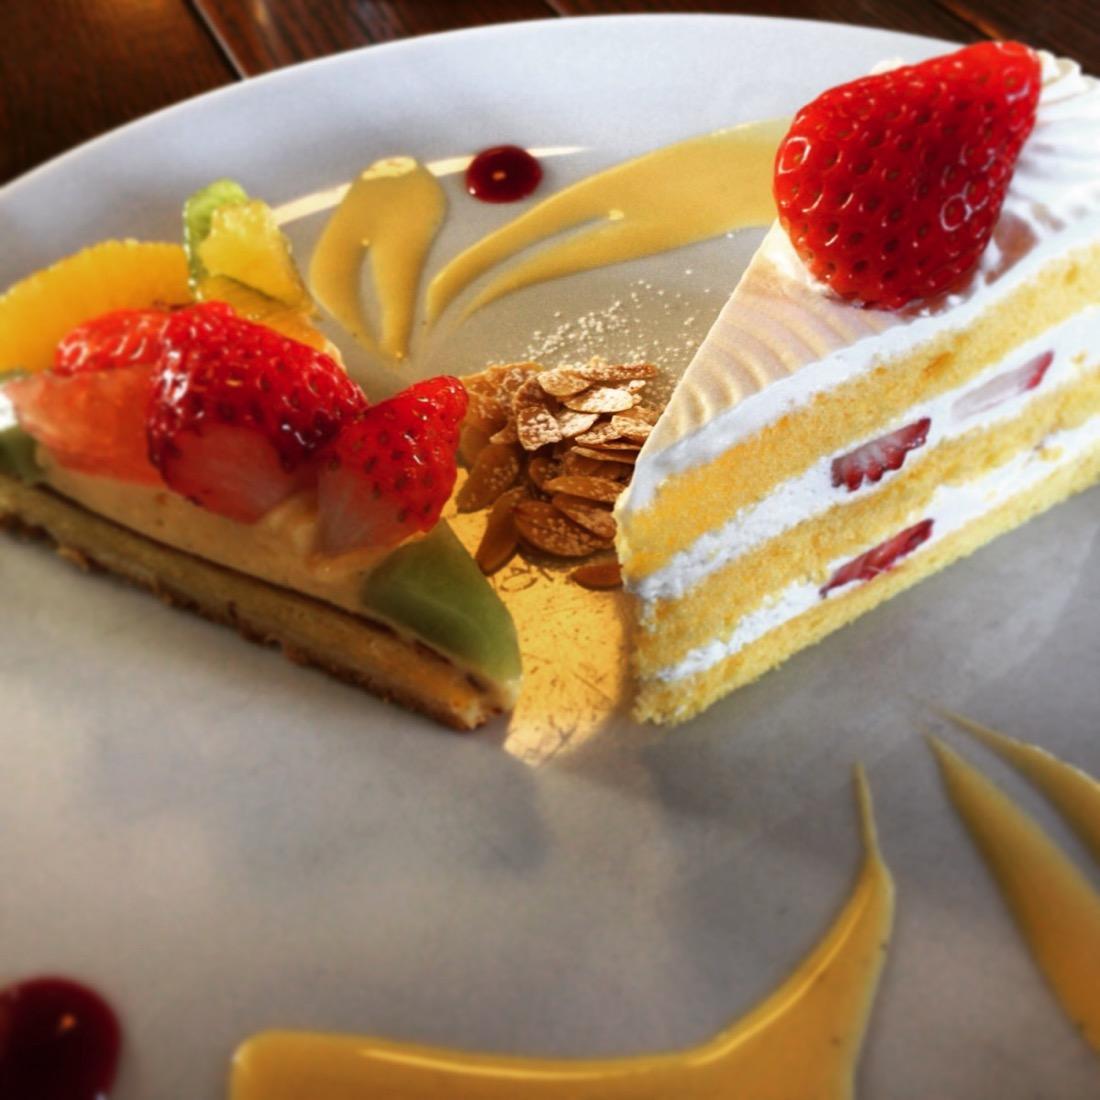 ケーキセットでケーキ2つ